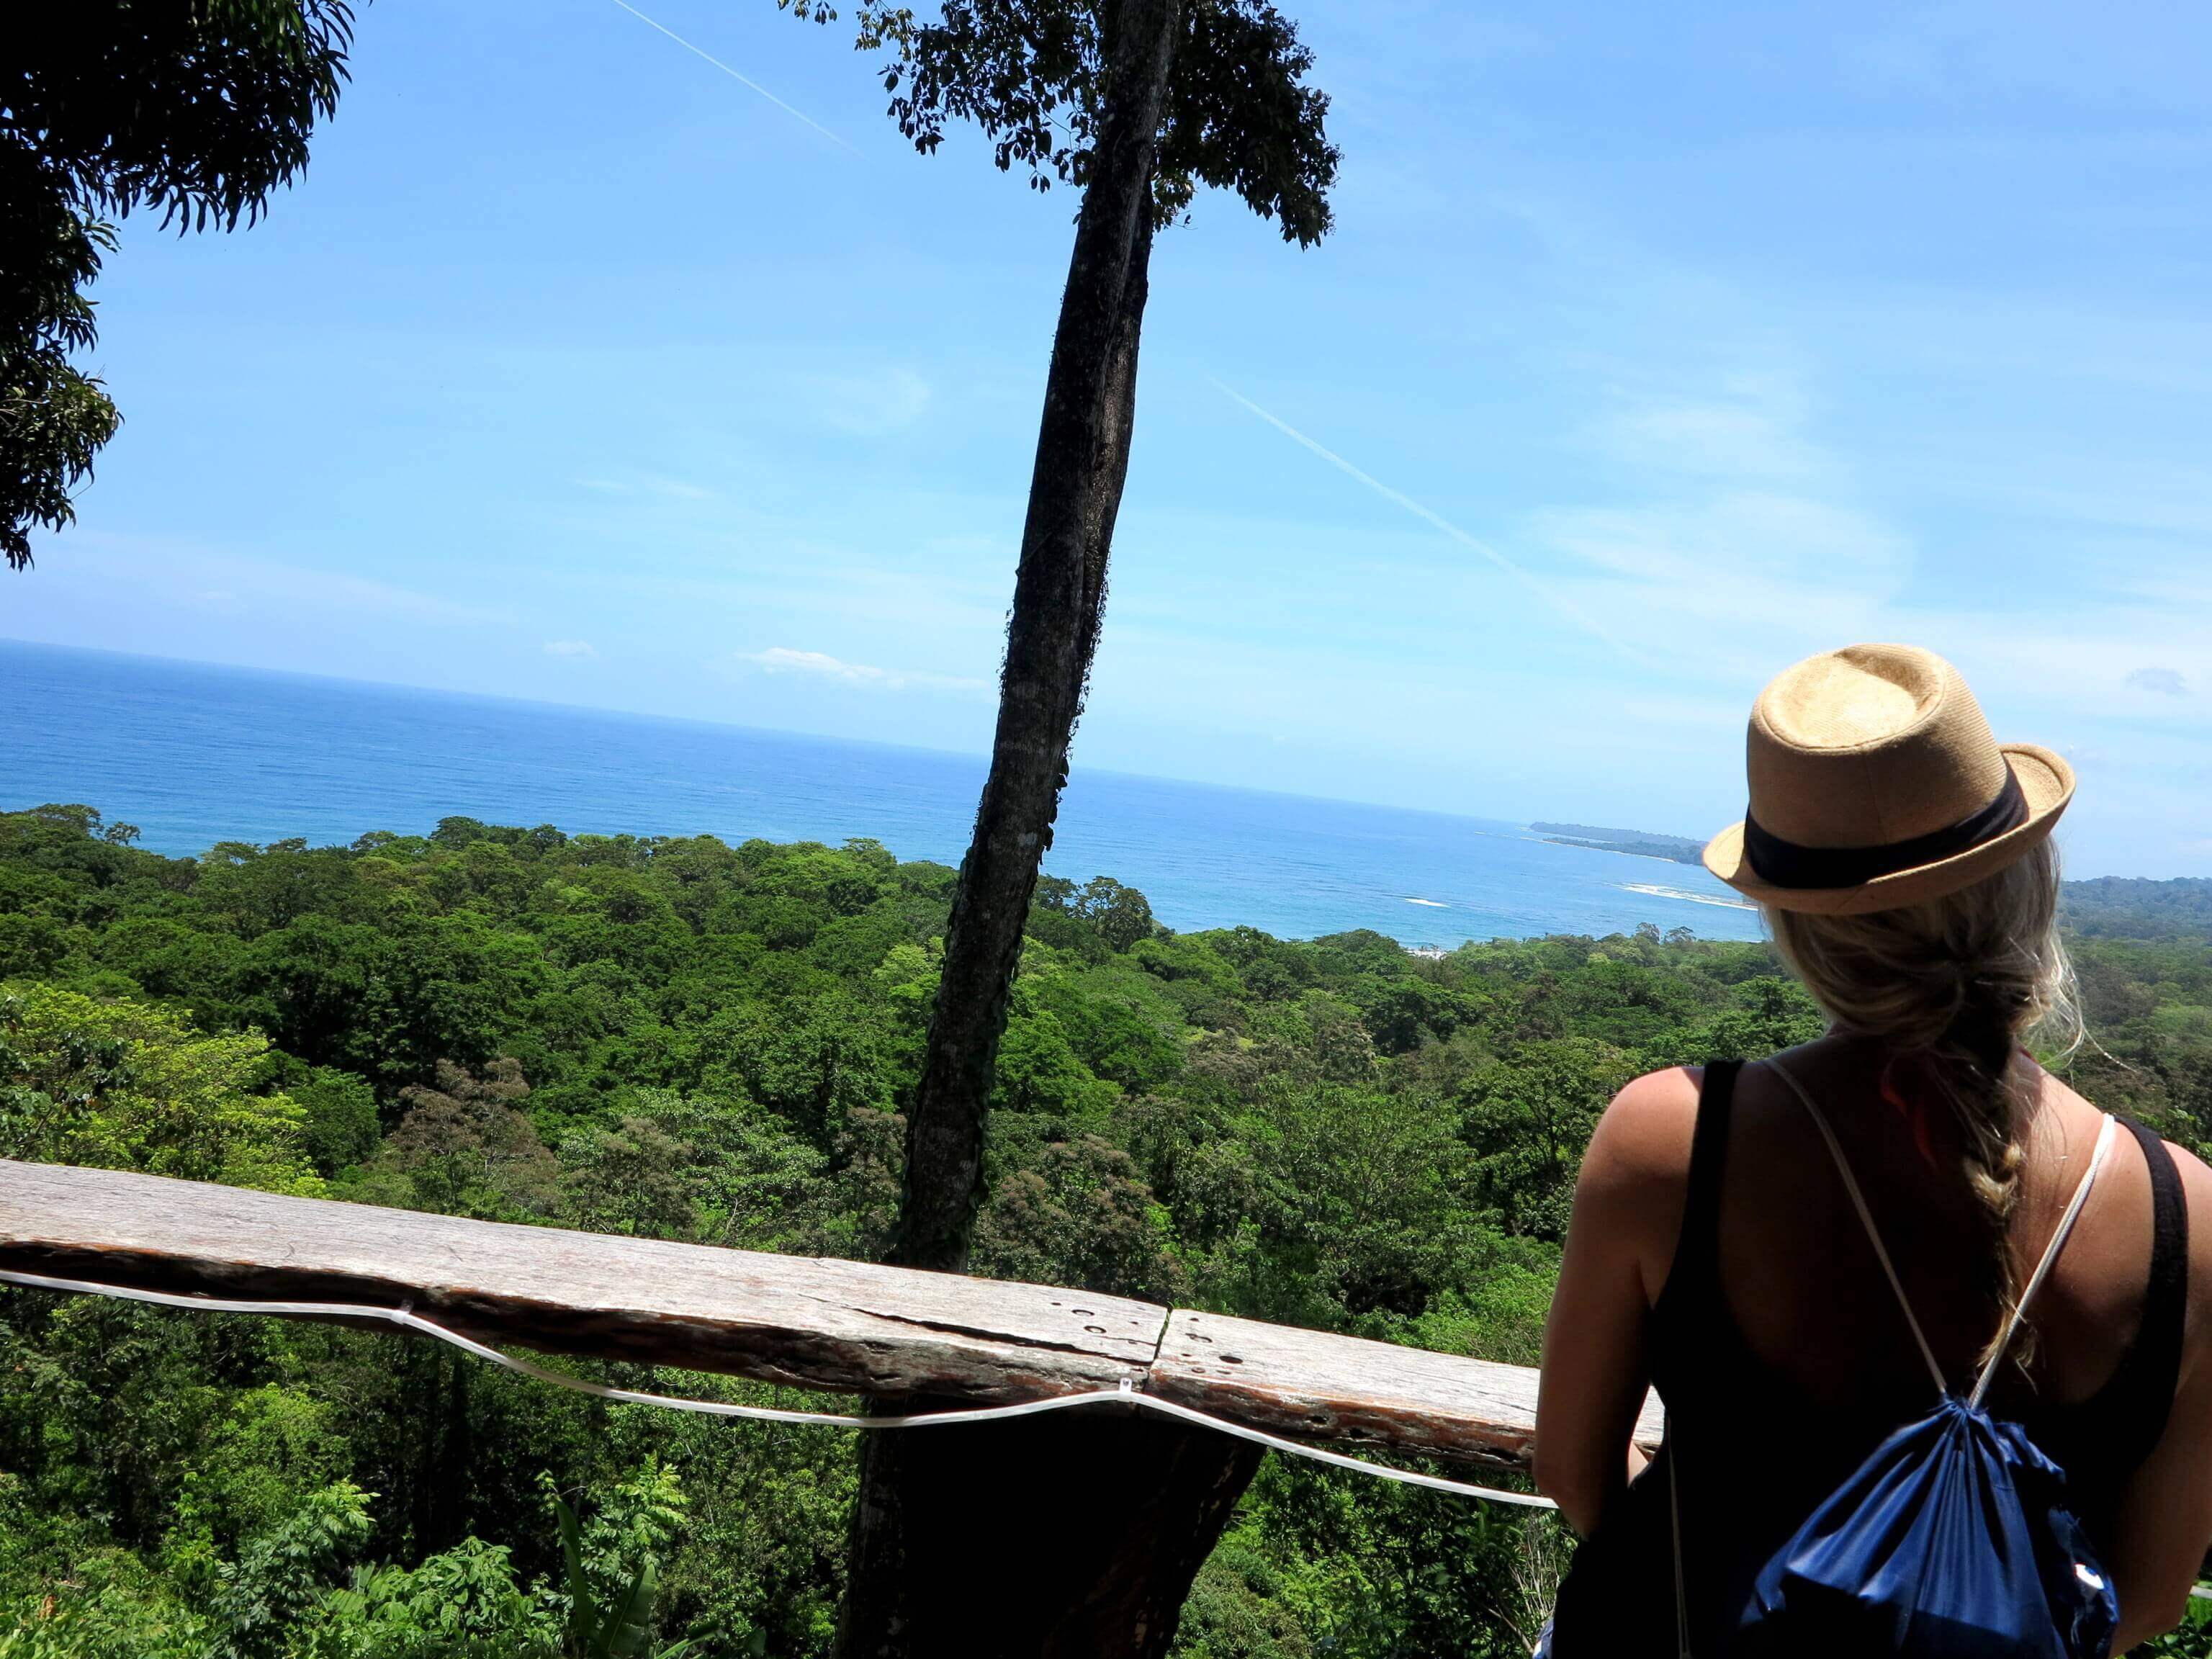 Bei dieser Aussicht testet man doch gerne Costa Rica Schokolade